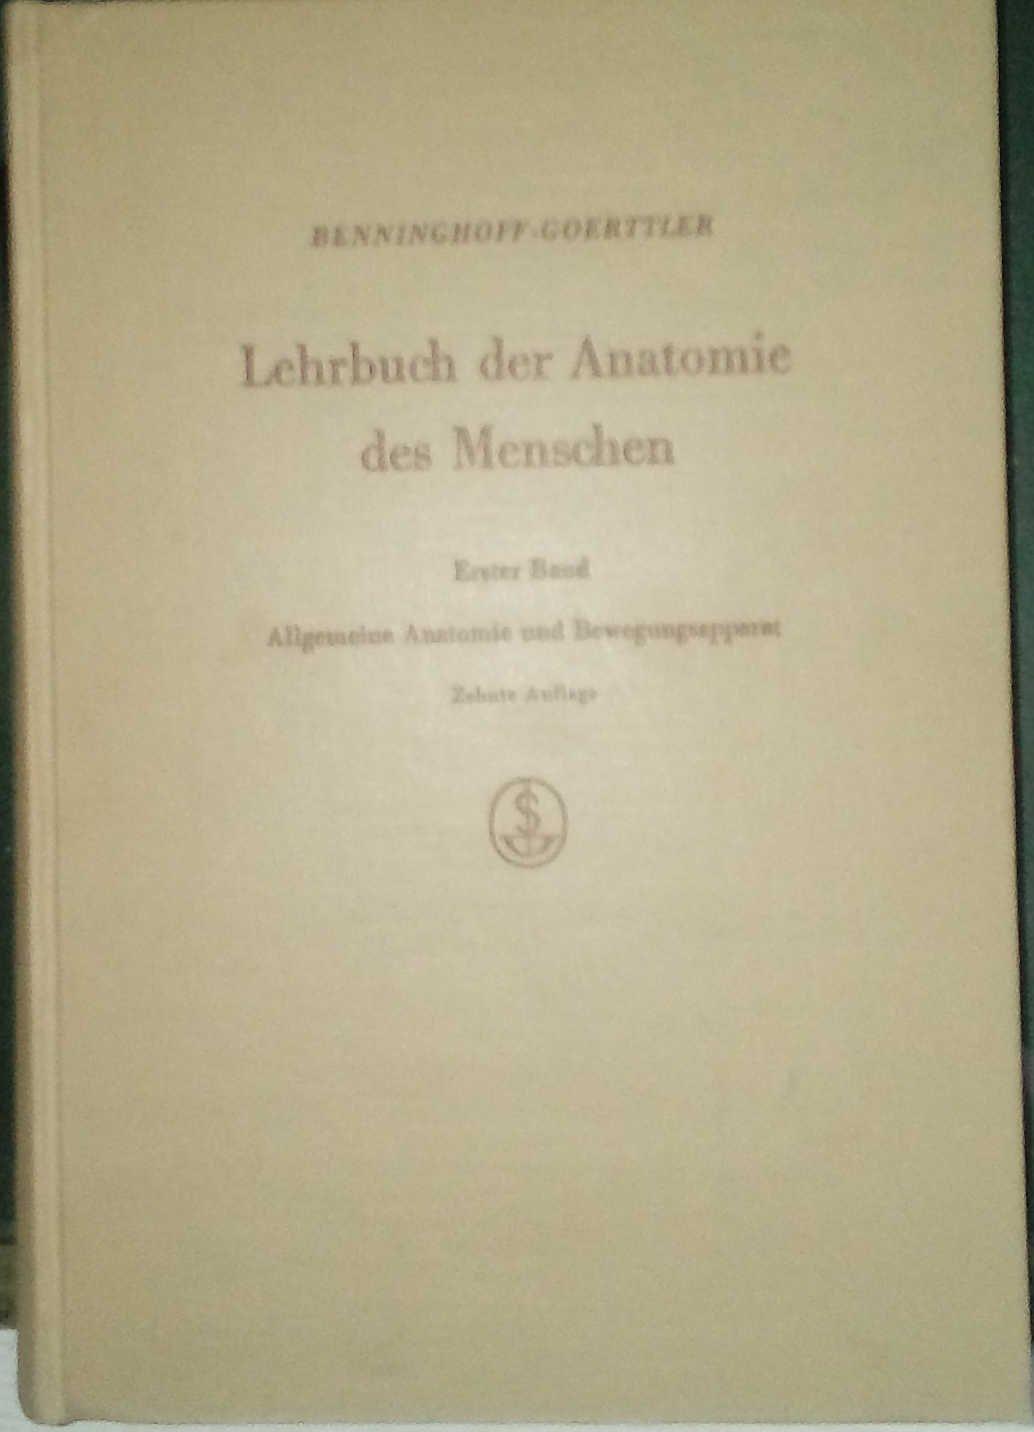 Lehrbuch der Anatomie des Menschen, erster Band Allgemeine Anatomie ...